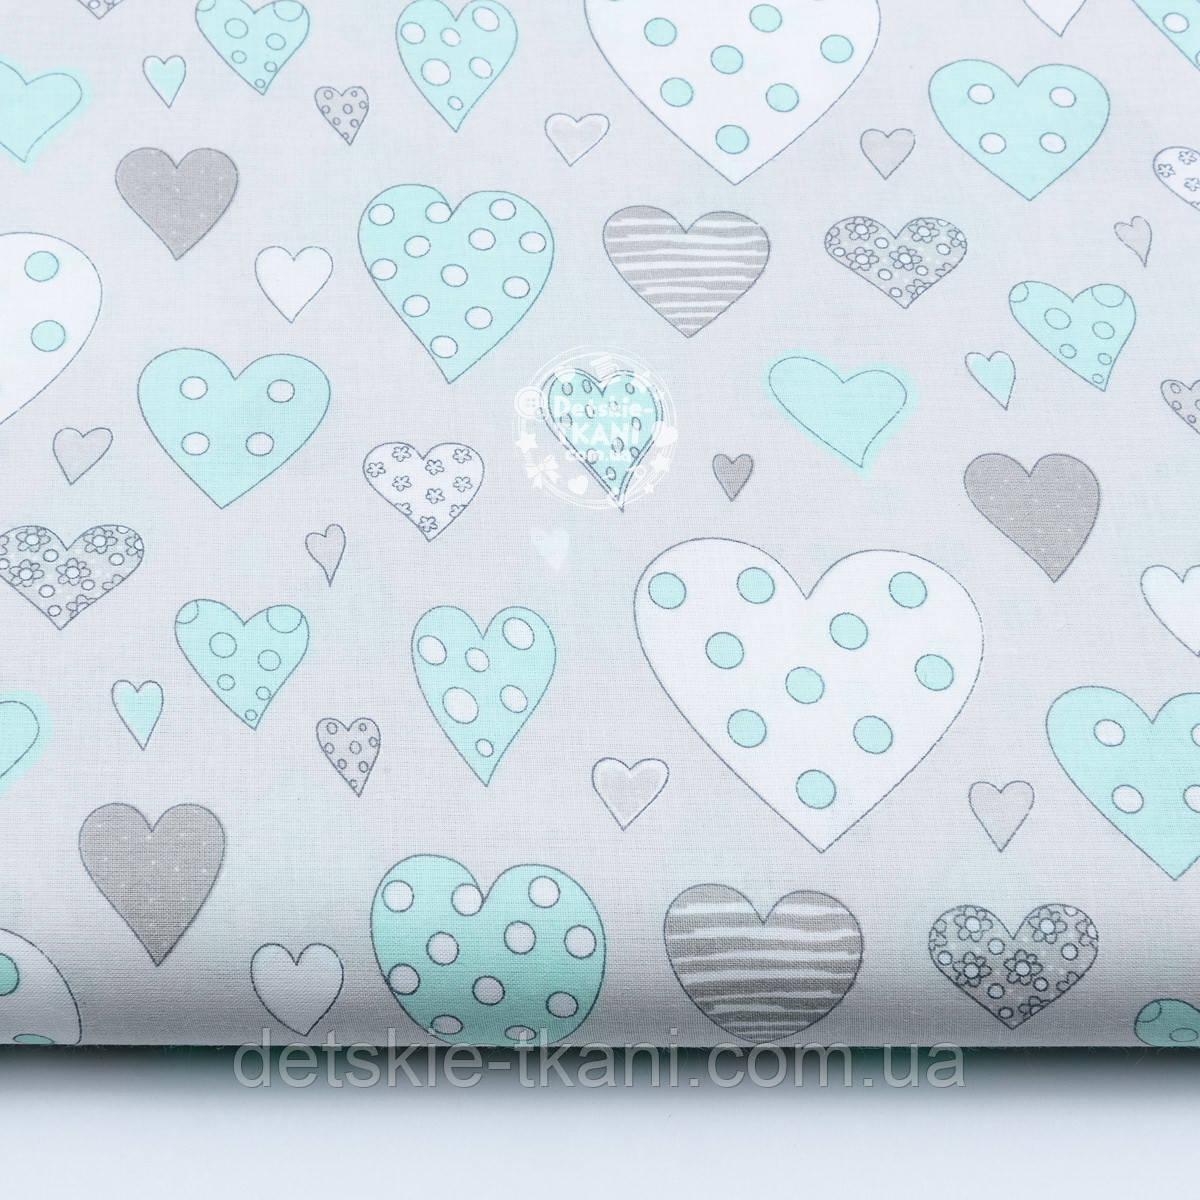 Тканина бязь з сердечками м'ятного кольору на сірому, № 507а